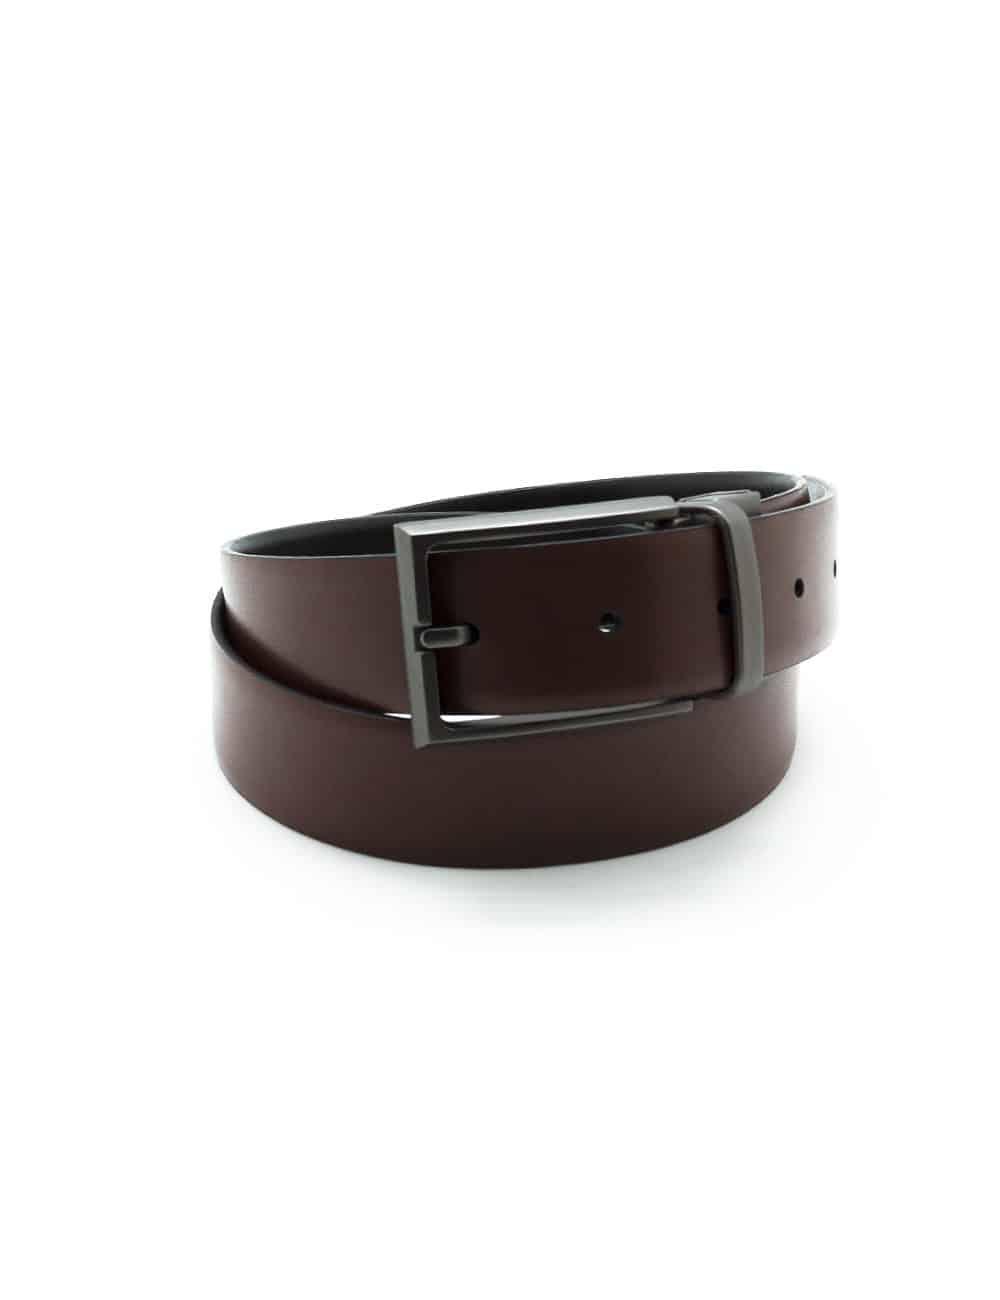 Black / Brown Reversible Leather Belt LBR14.8